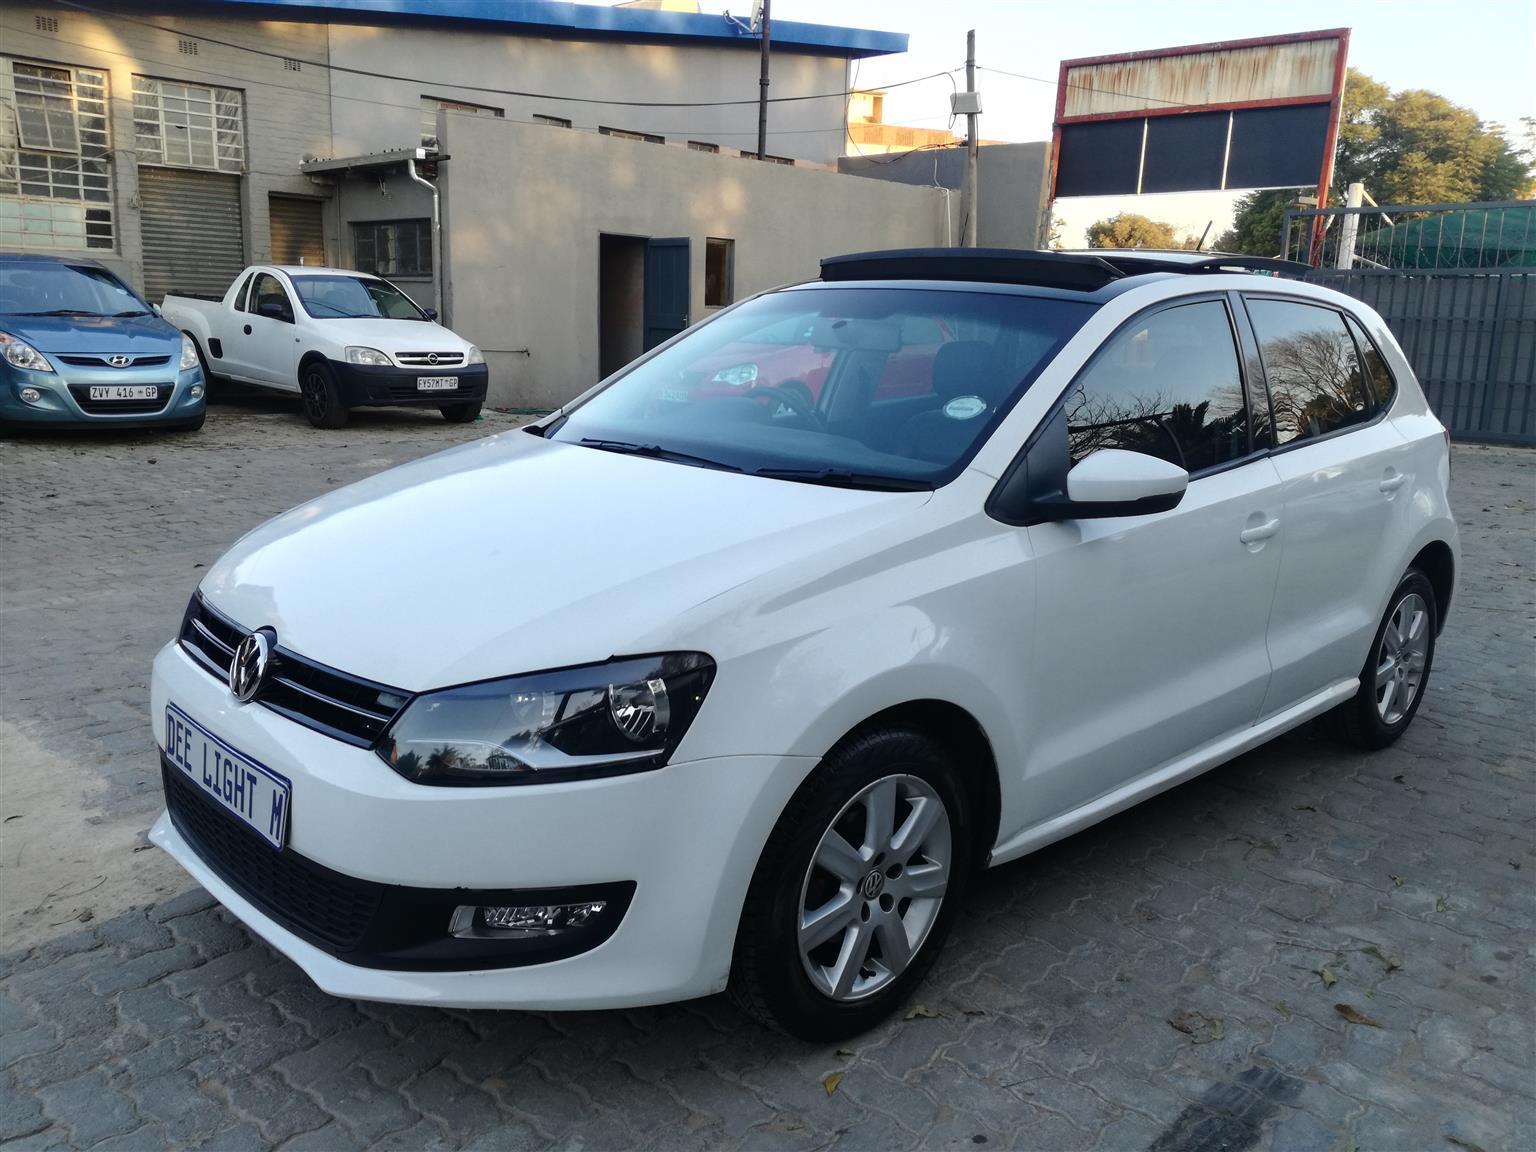 Nieuw 2012 VW Polo 1.6 Comfortline | Junk Mail SJ-41